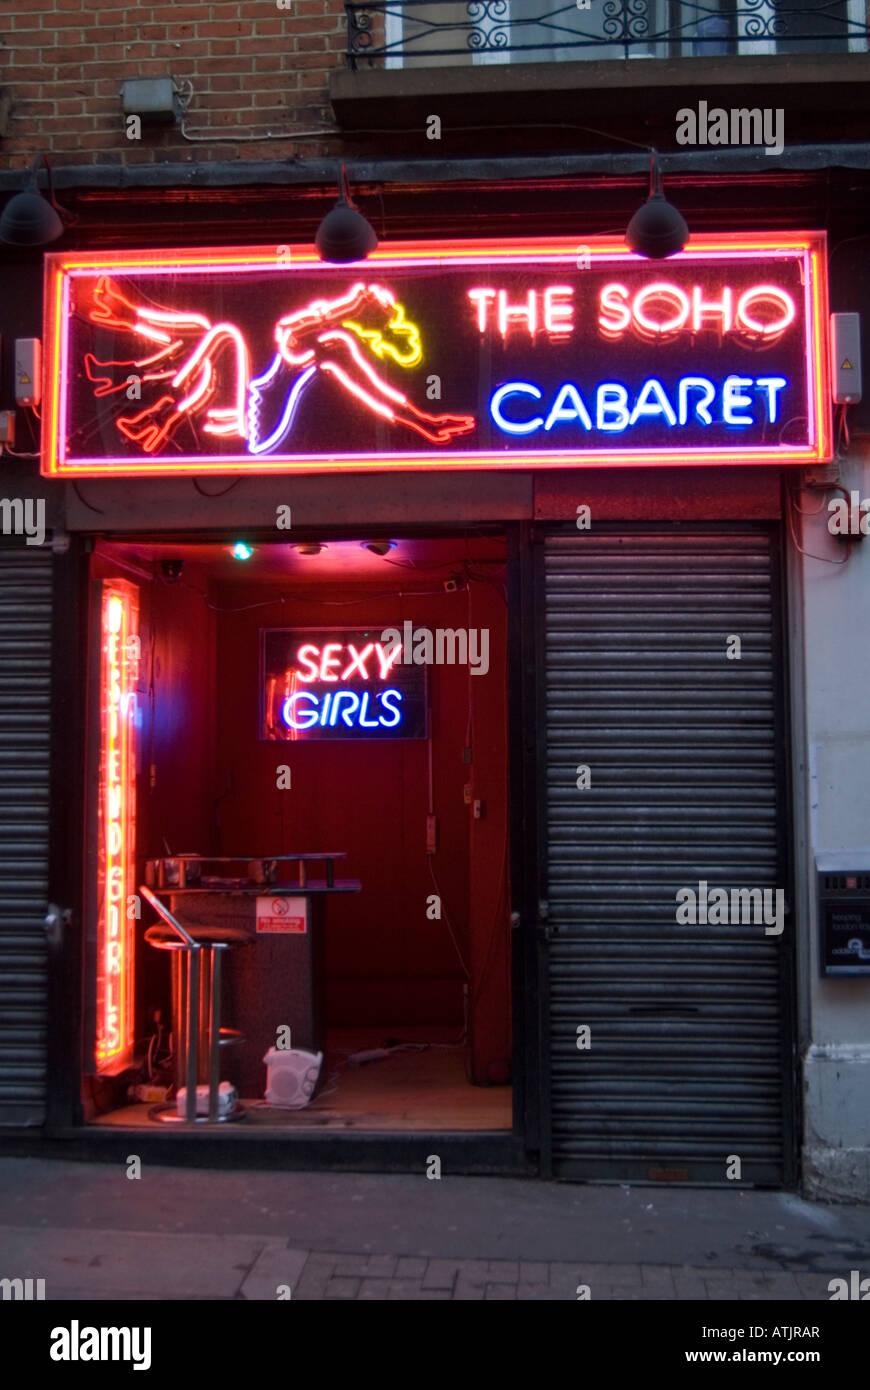 Www sex in london